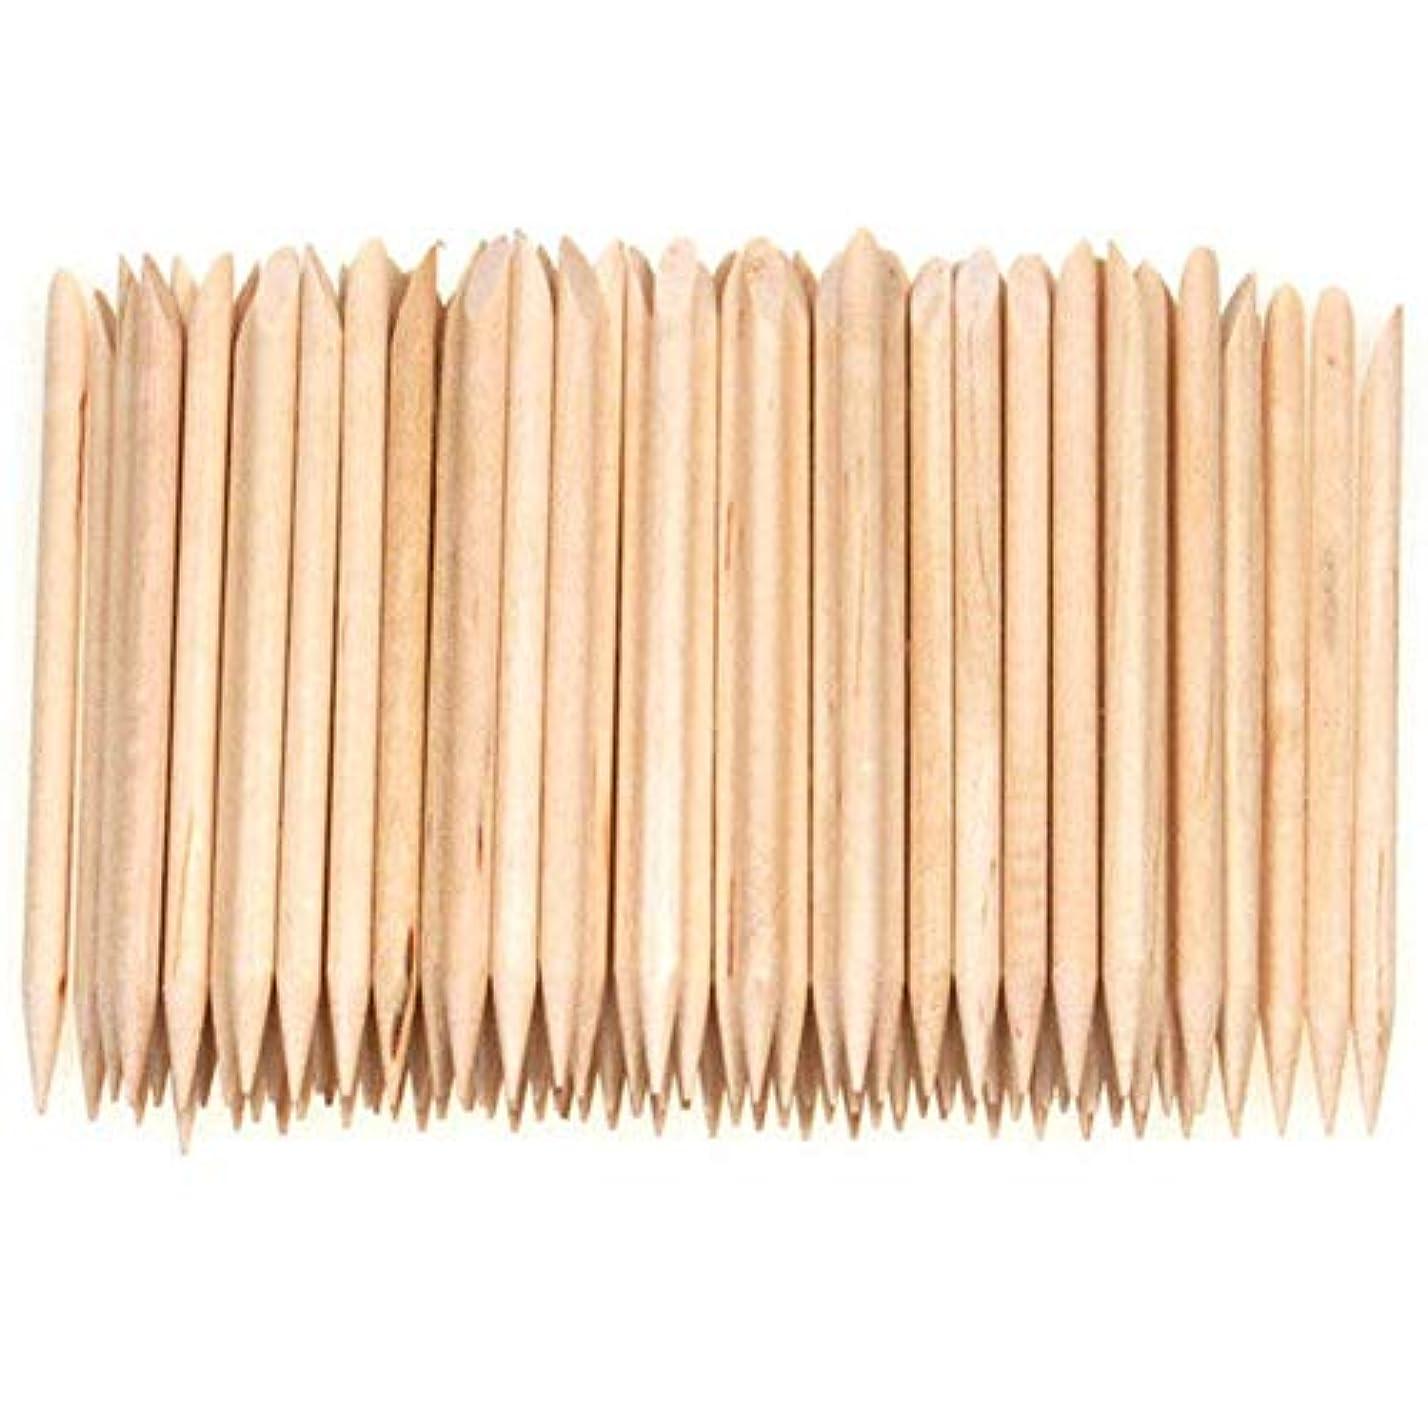 ハミングバード論争航海SODIAL 100個ネイルアートデザイン木製の棒キューティクルプッシャーリムーバーマニキュアケア